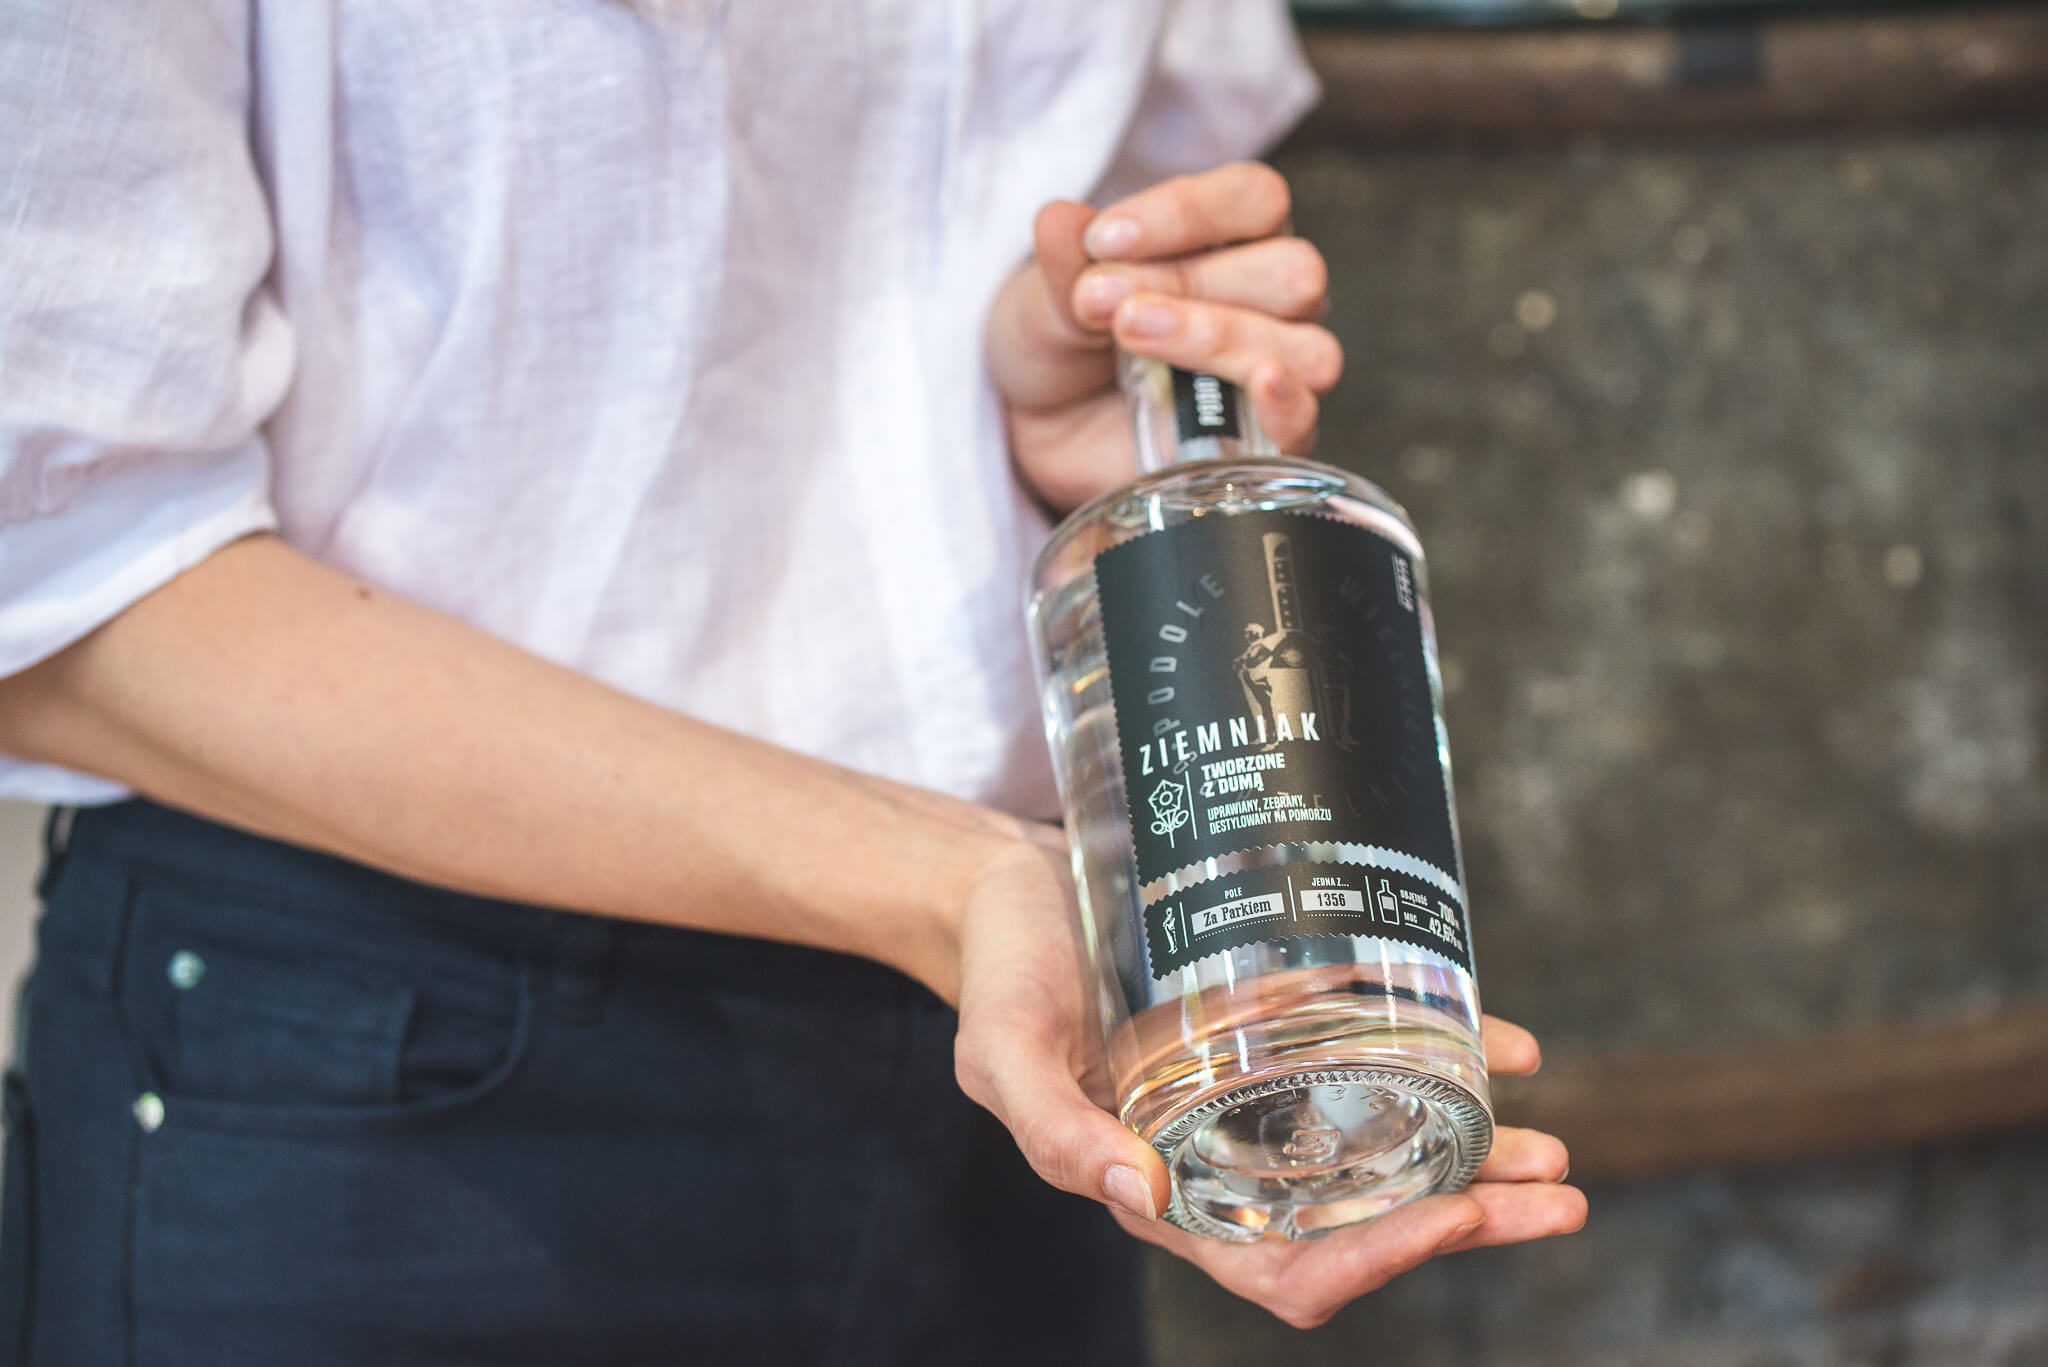 Gorzelnia Podole Wielkie 15 1 - Podole Wielkie. A distillery found on tradition